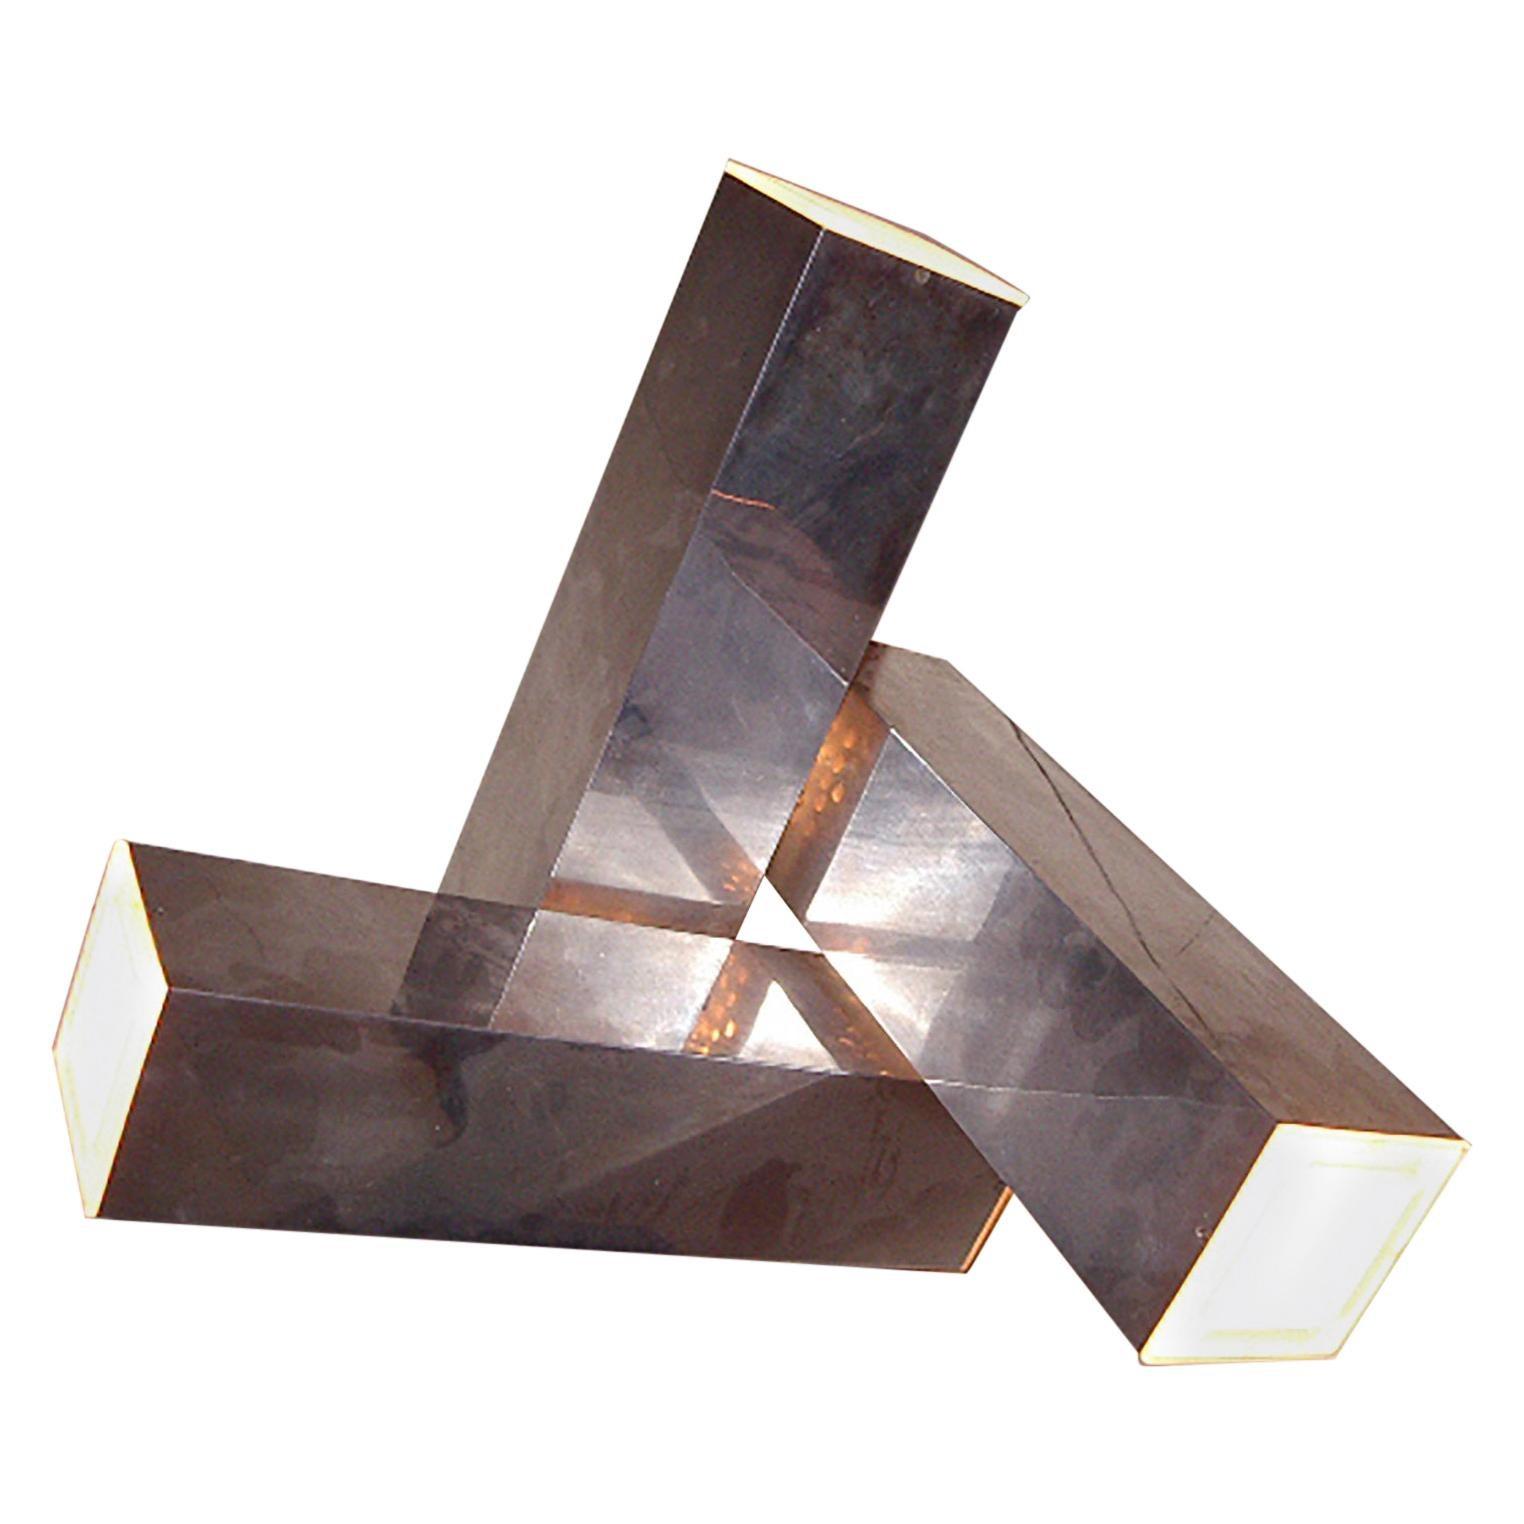 Fabrizio Cocchia e Gianfranco Fini Ascissa table lamp for New Lamp, Italy, 1970